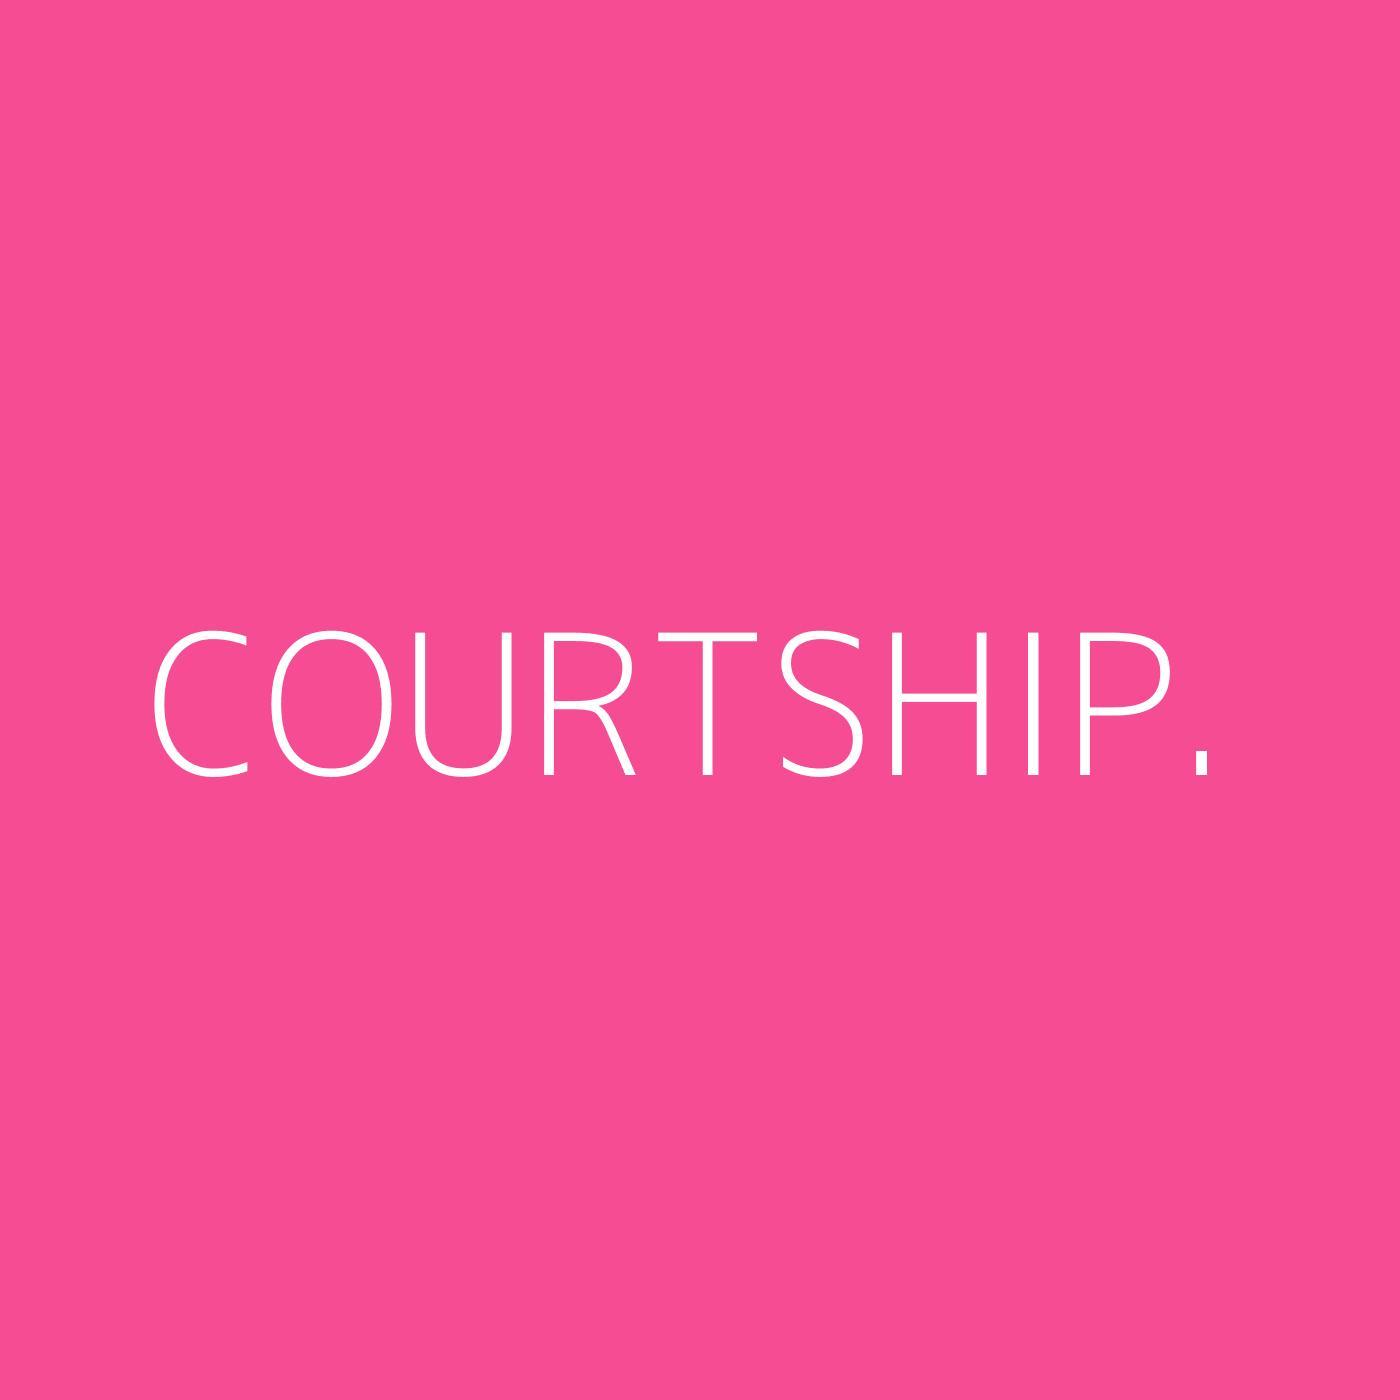 courtship. Playlist Artwork